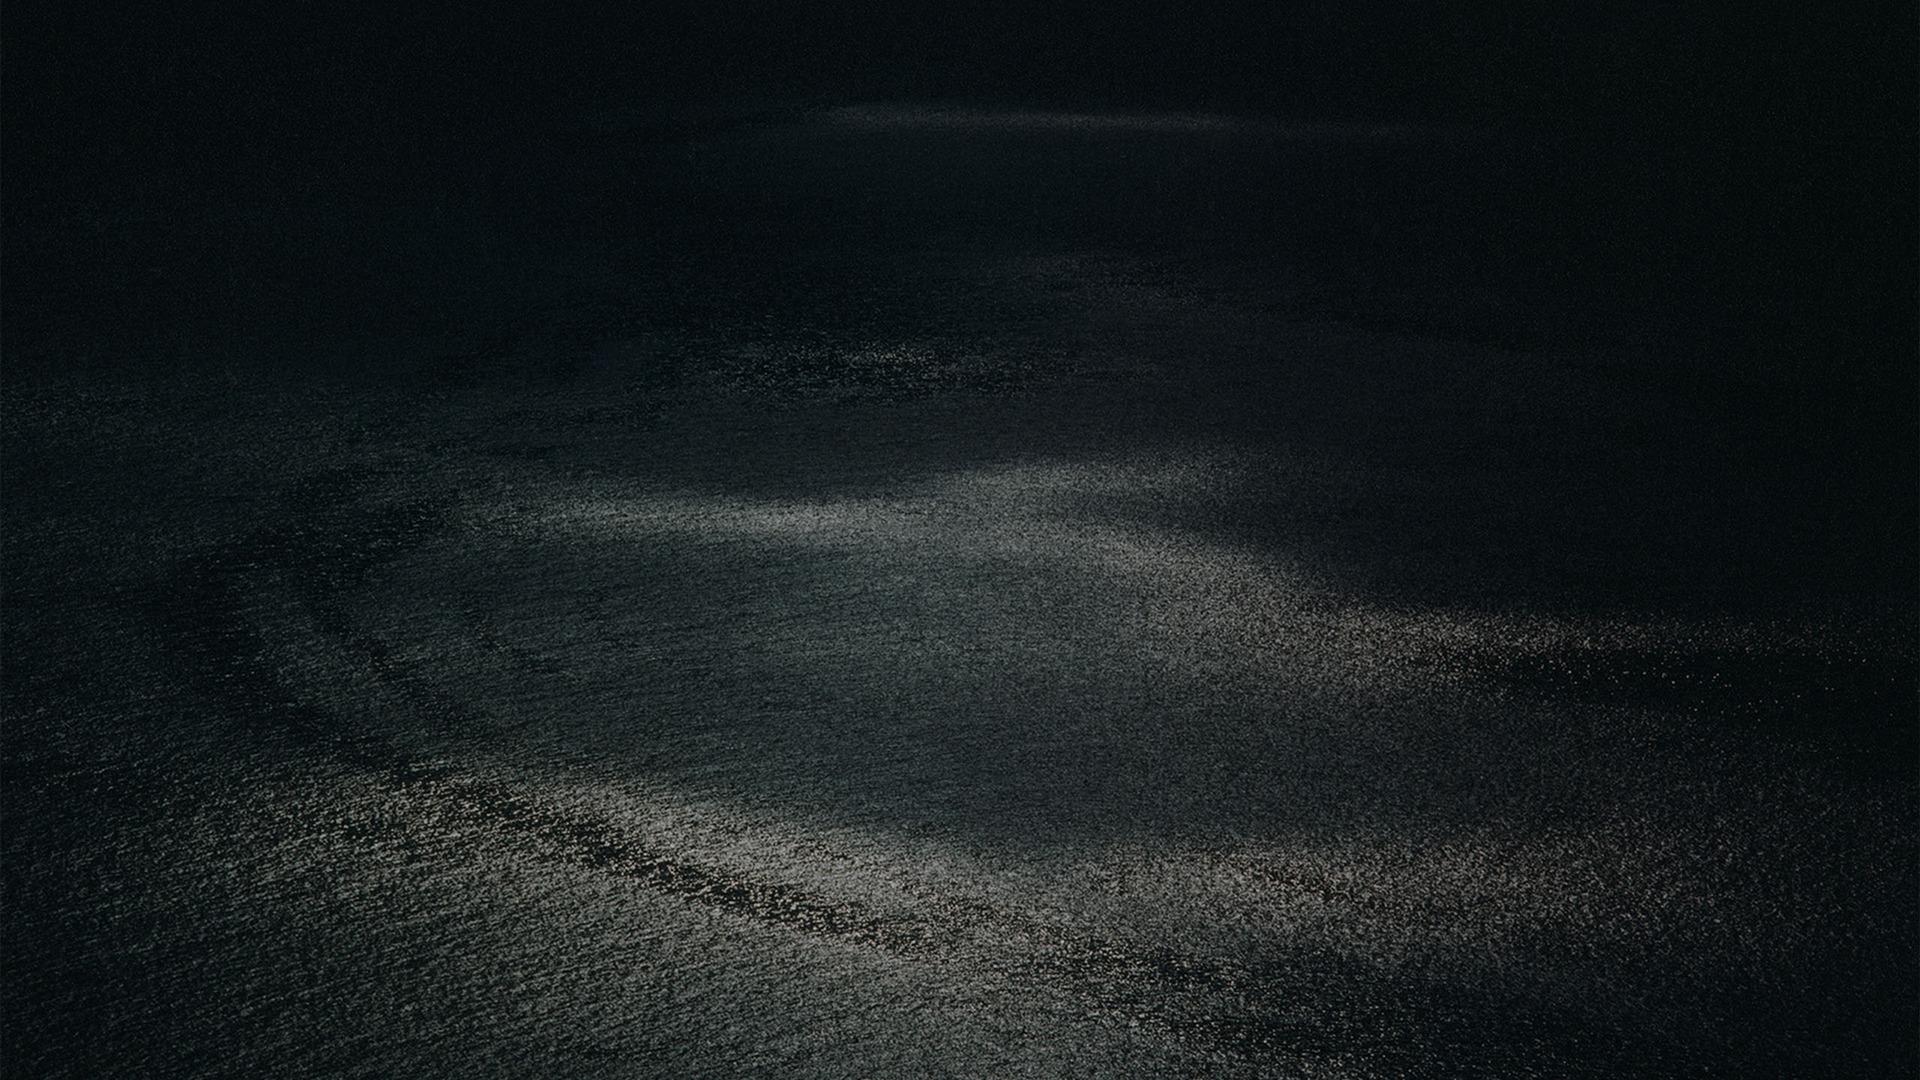 夜の海の海 Apple Ios8 Iphone6 Plus Hdの壁紙プレビュー 10wallpaper Com